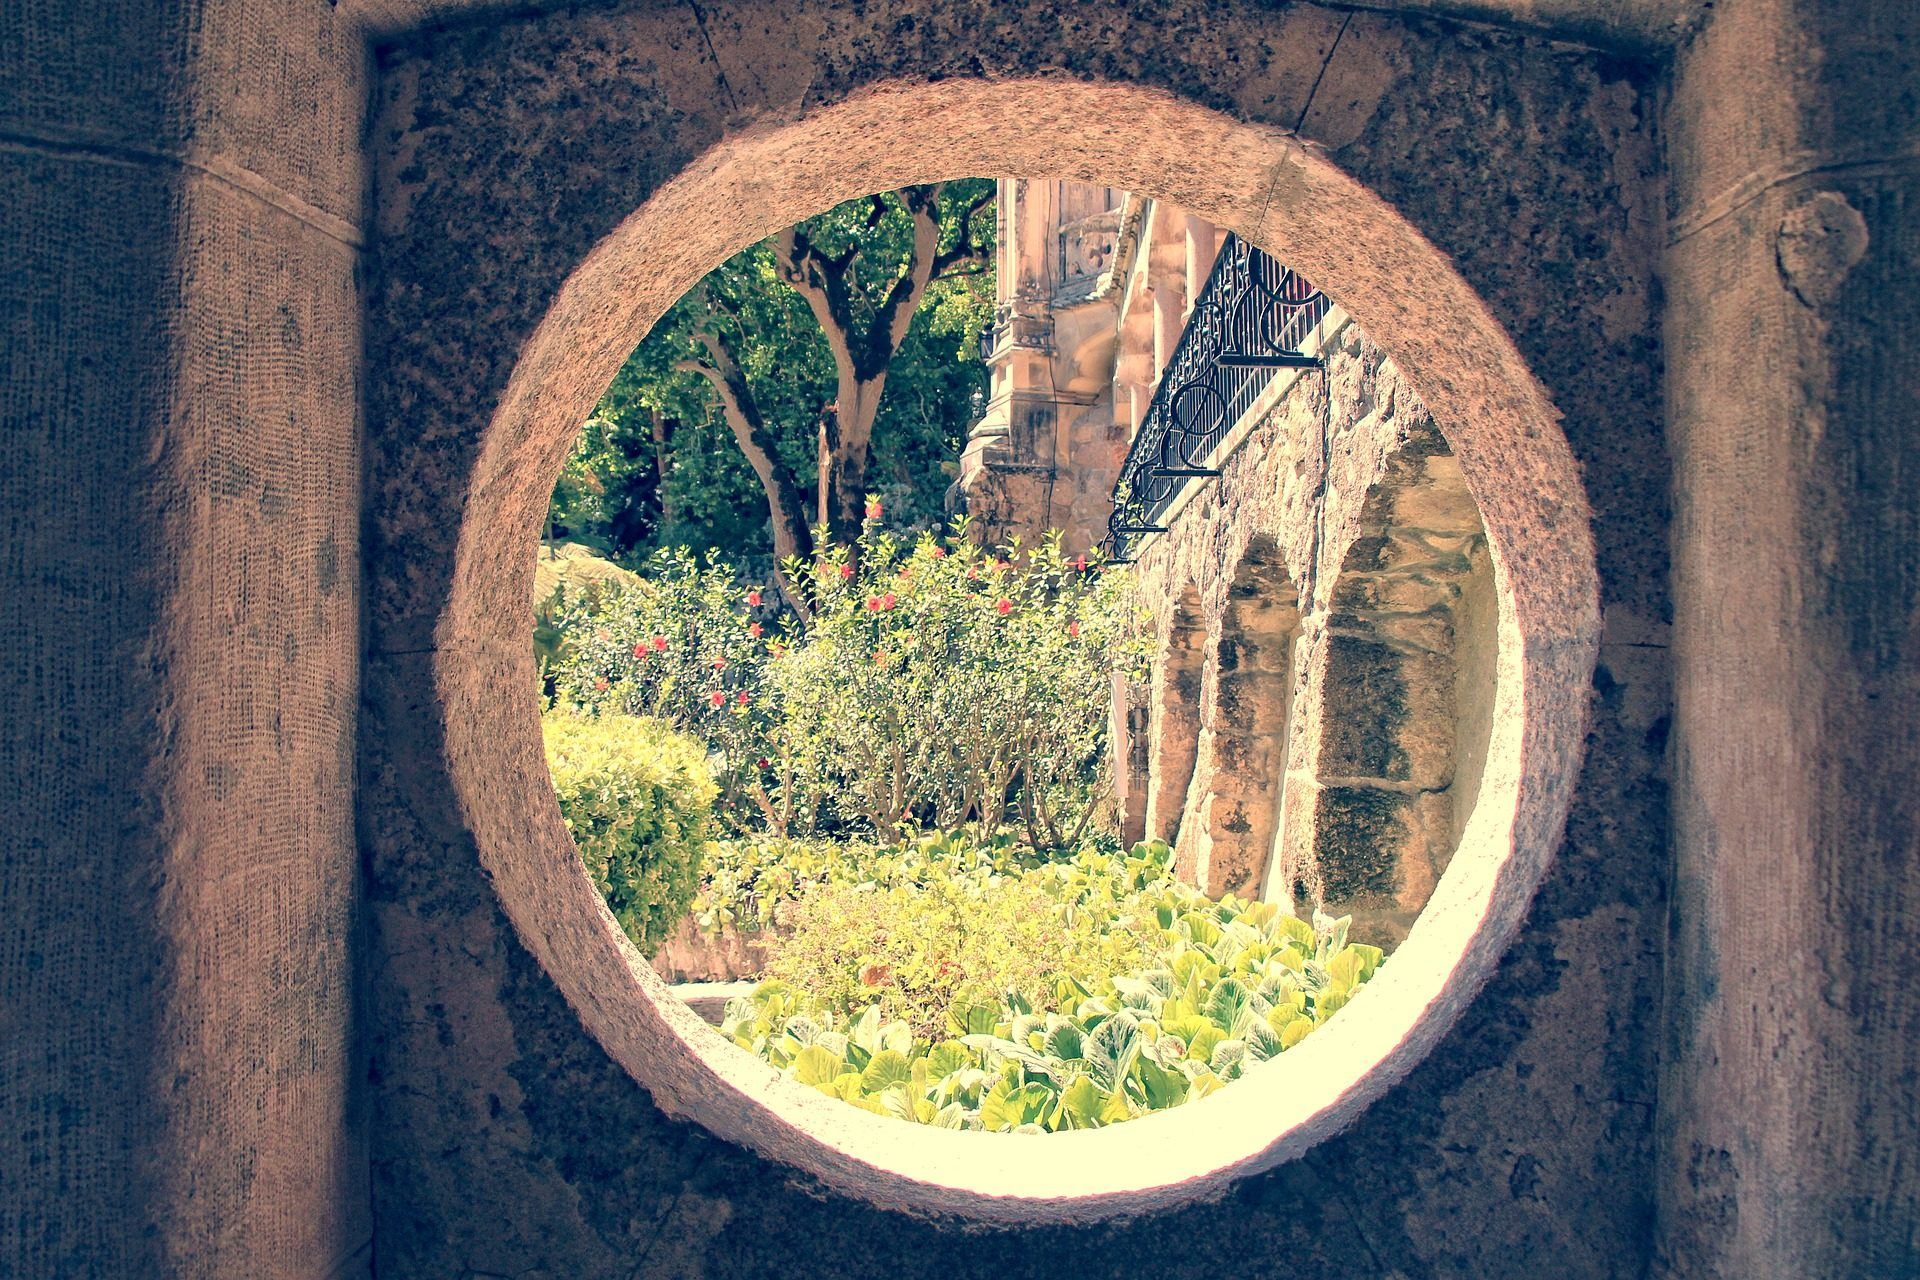 حديقة, النباتات, الجوف, نافذة, قصر, سنترا, لشبونة - خلفيات عالية الدقة - أستاذ falken.com